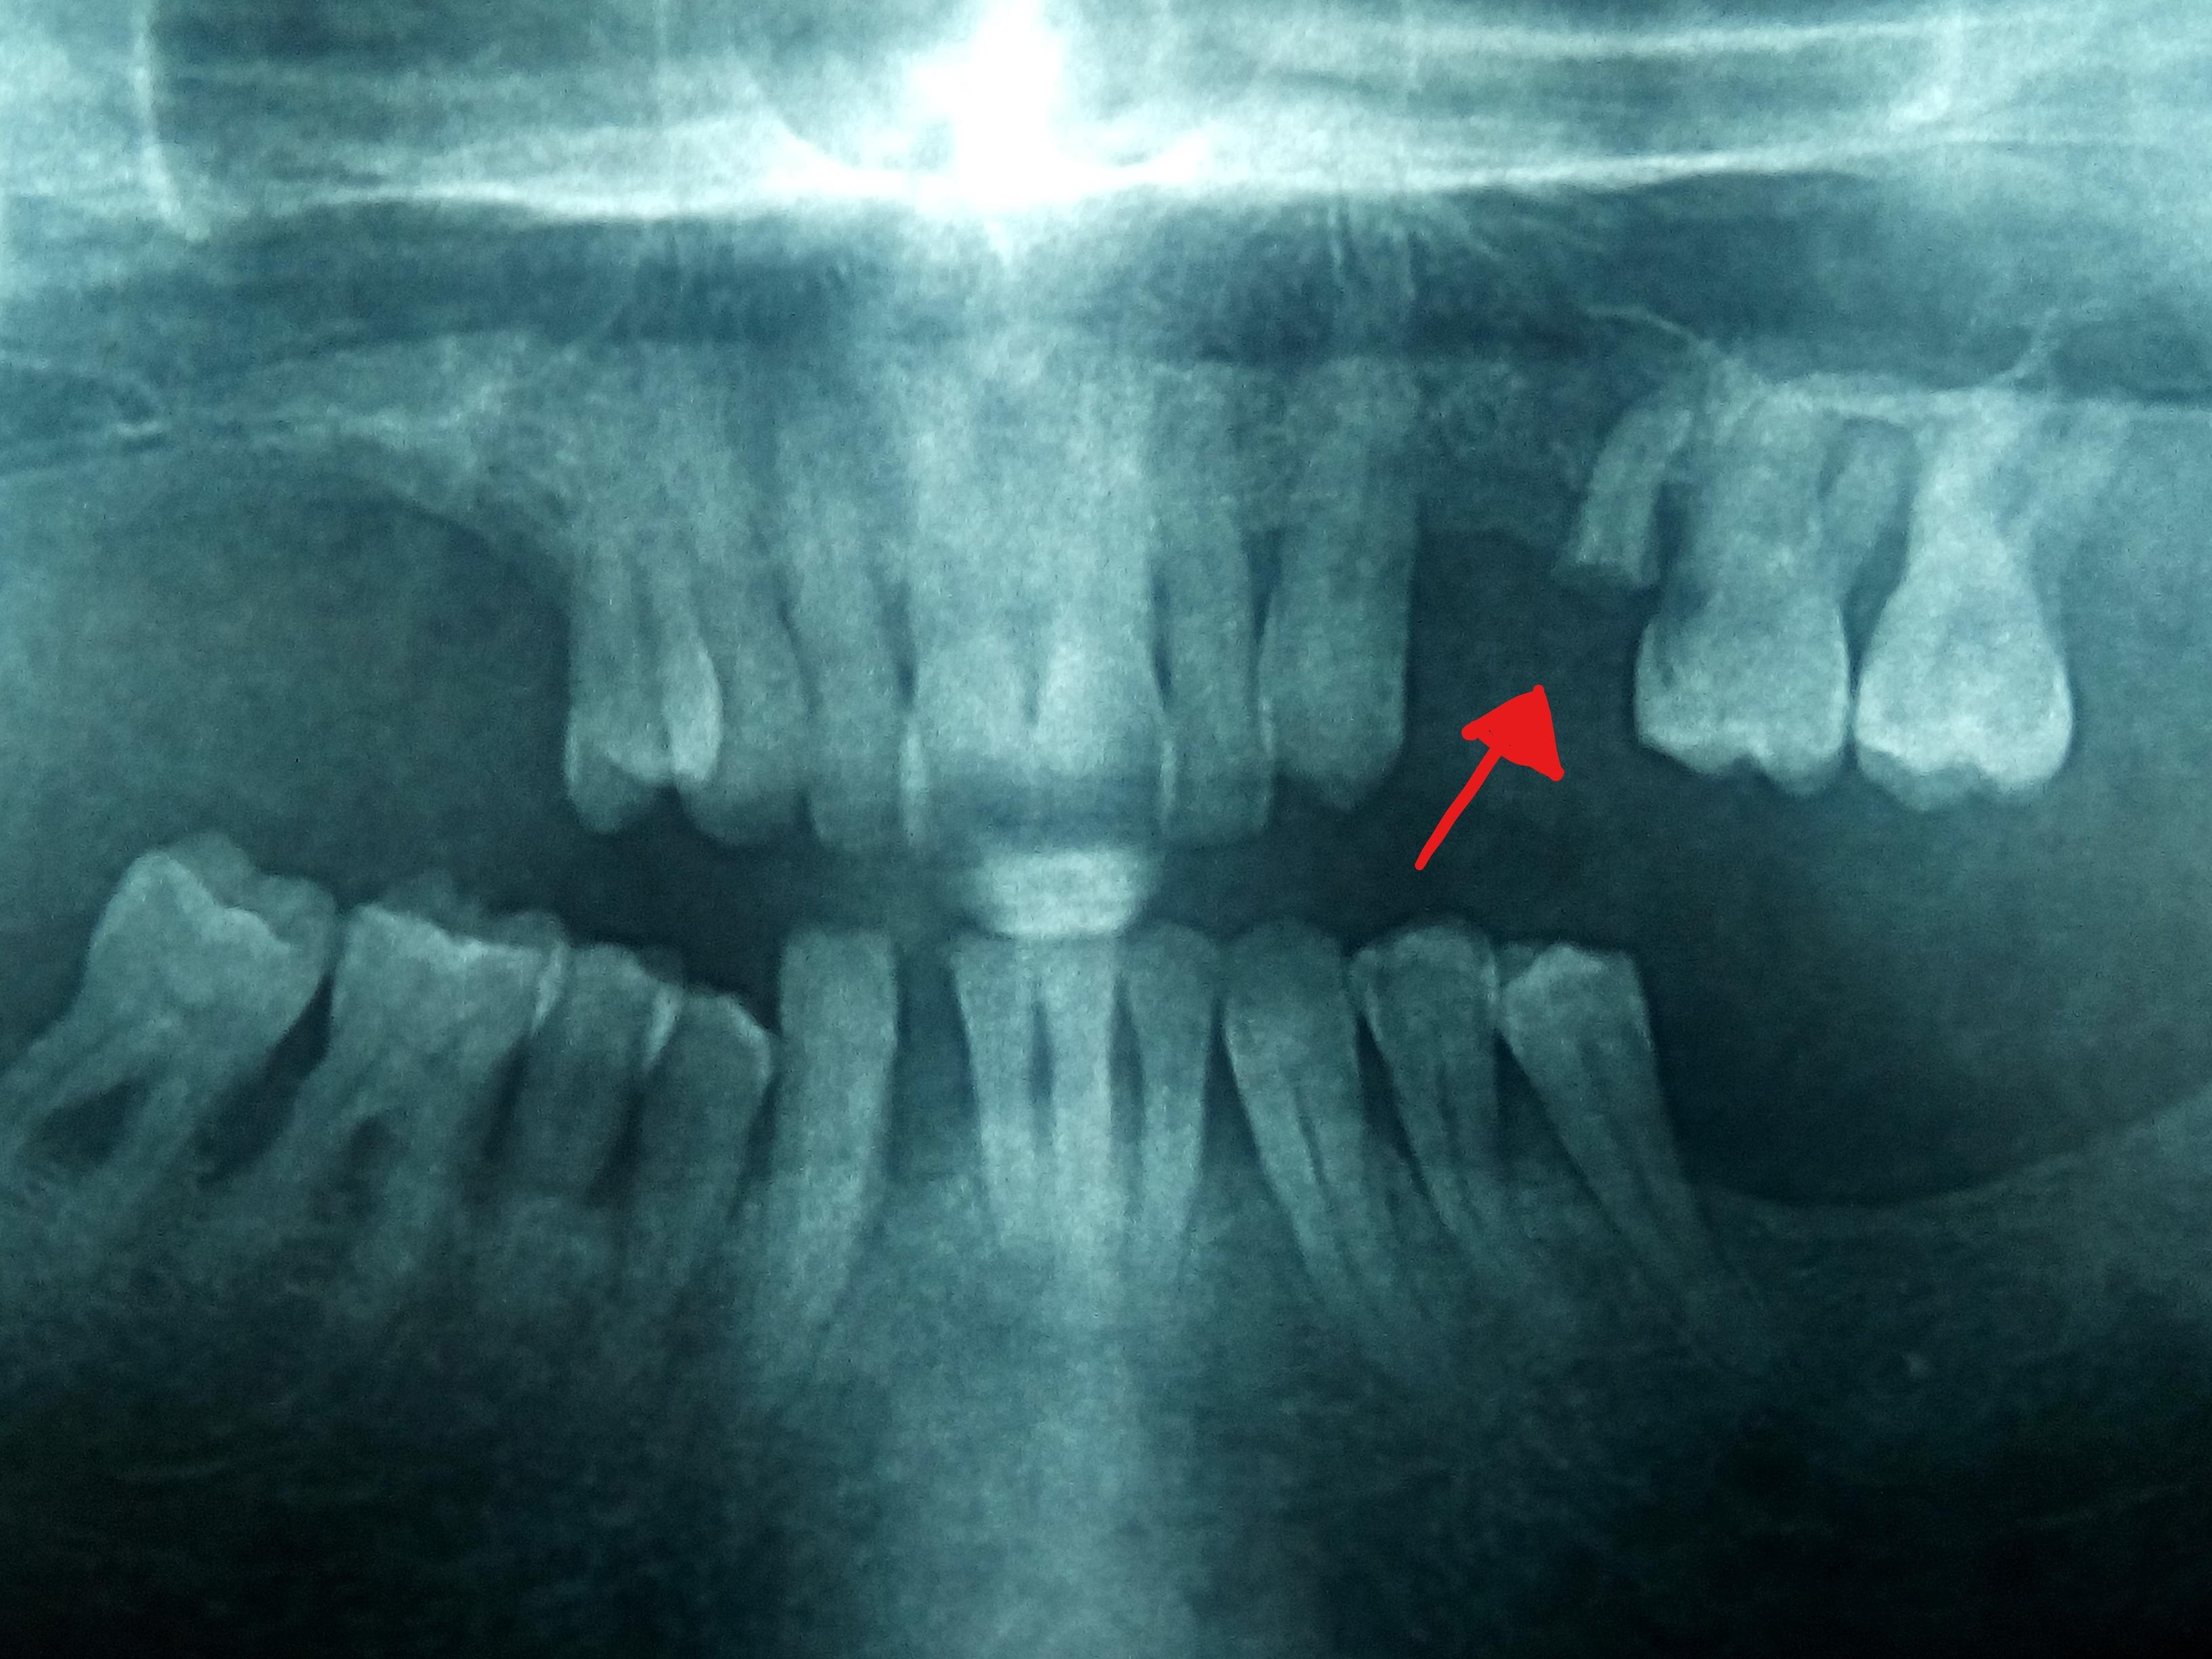 ortopanoramica-123.jpg